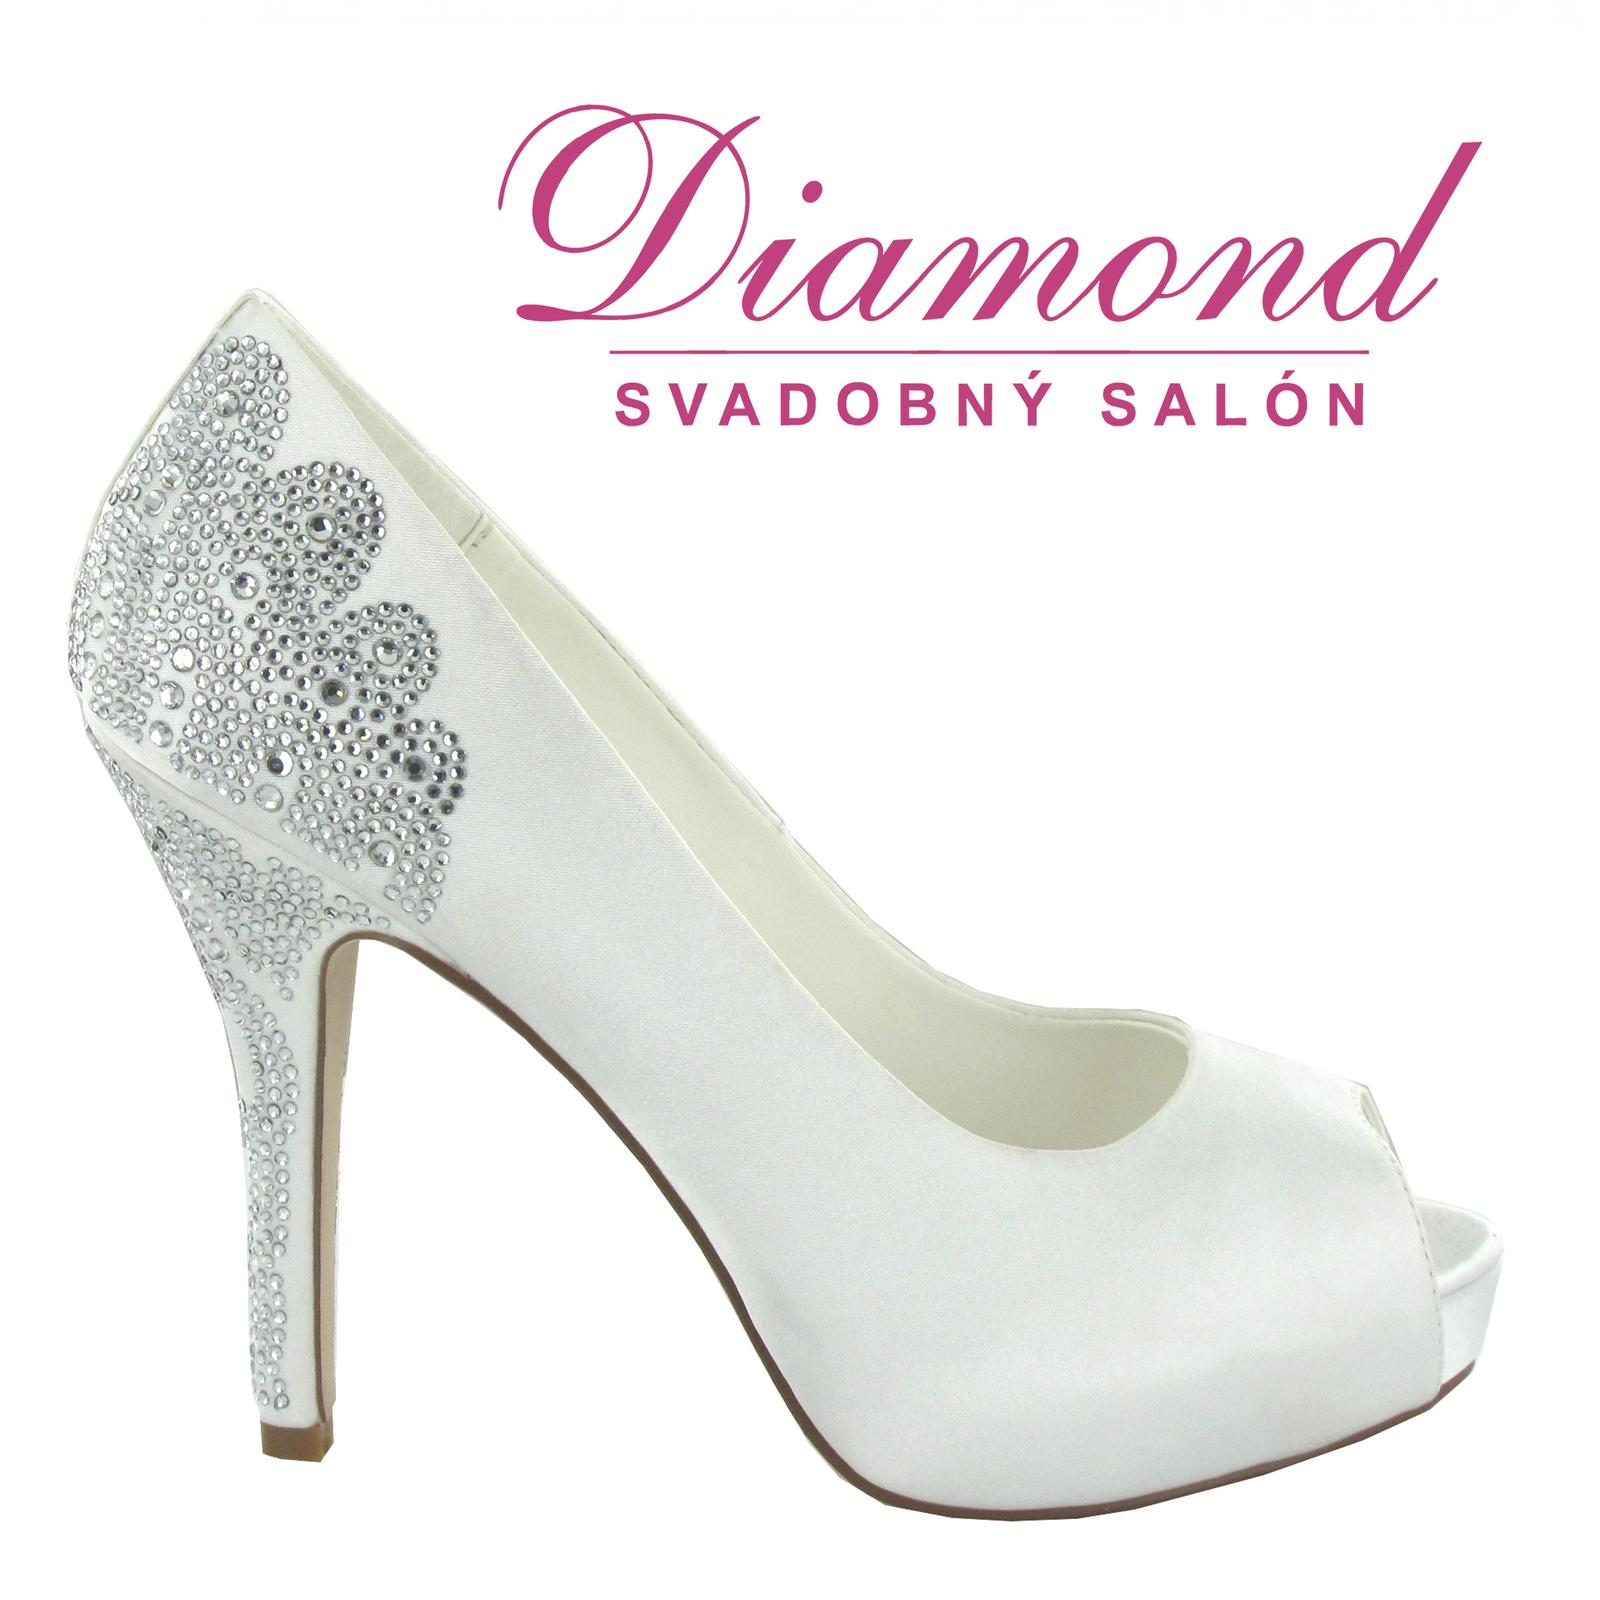 Svadobné topánky Angelina (6509) - Obrázok č. 1